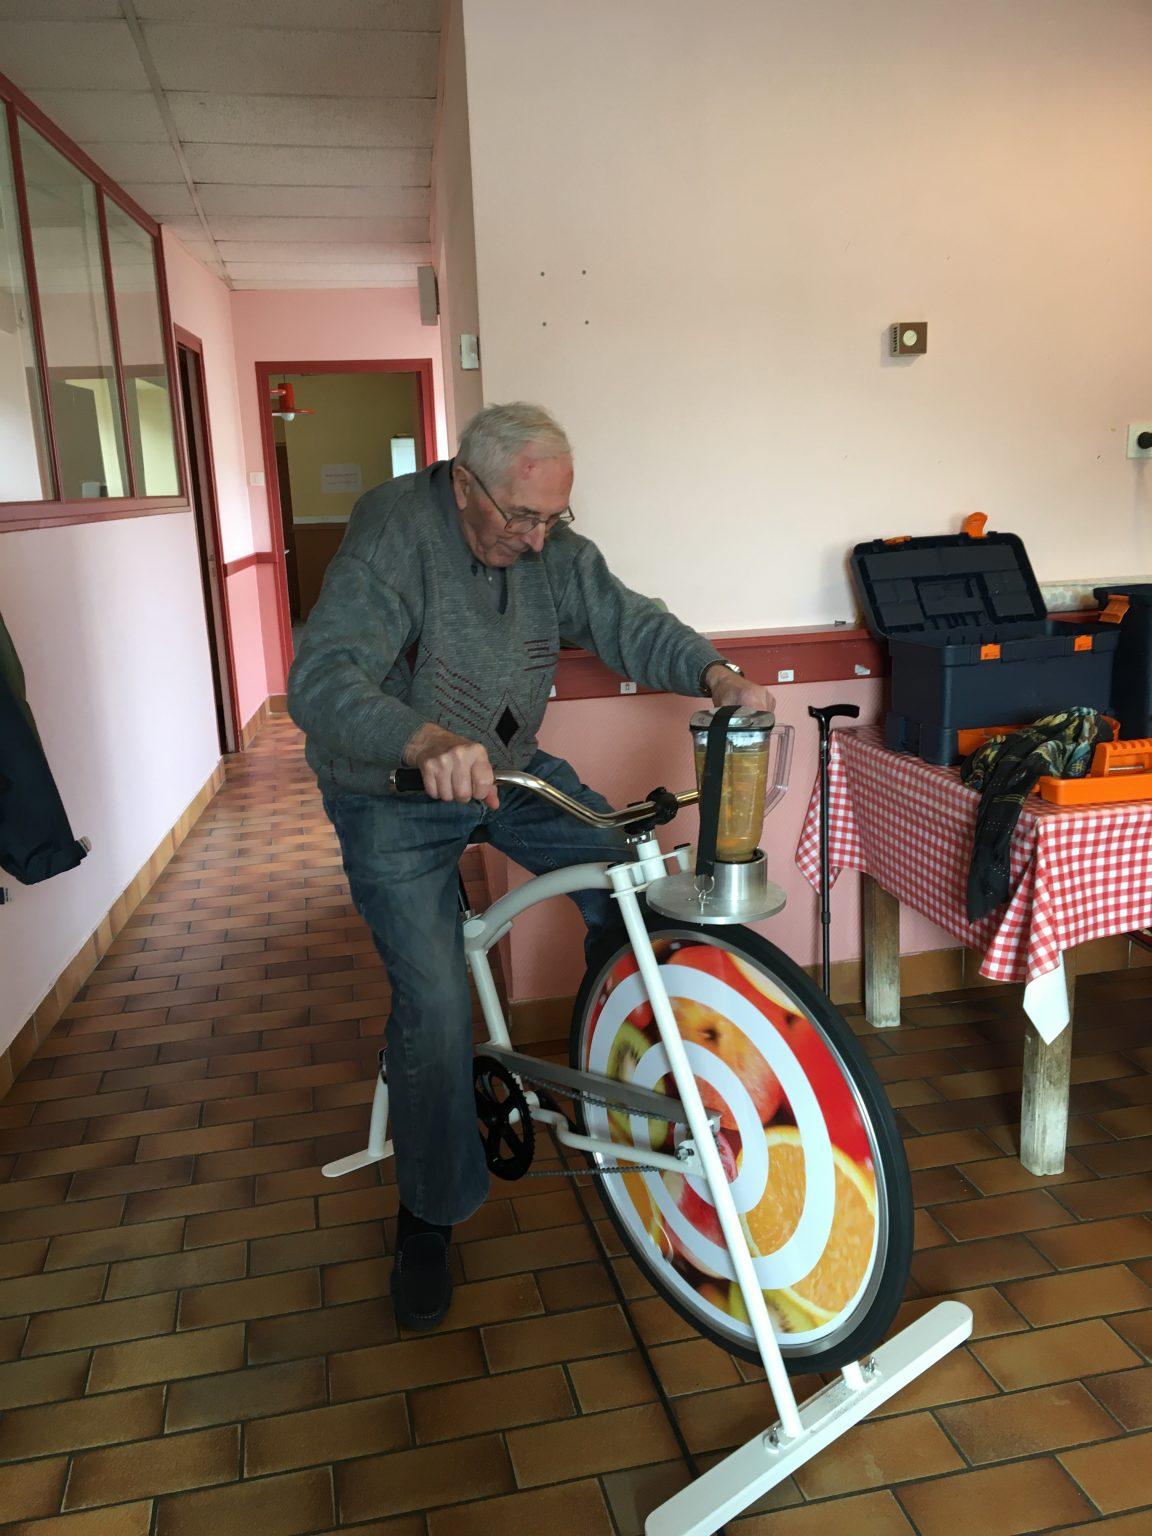 Senior sur un vélo-blender